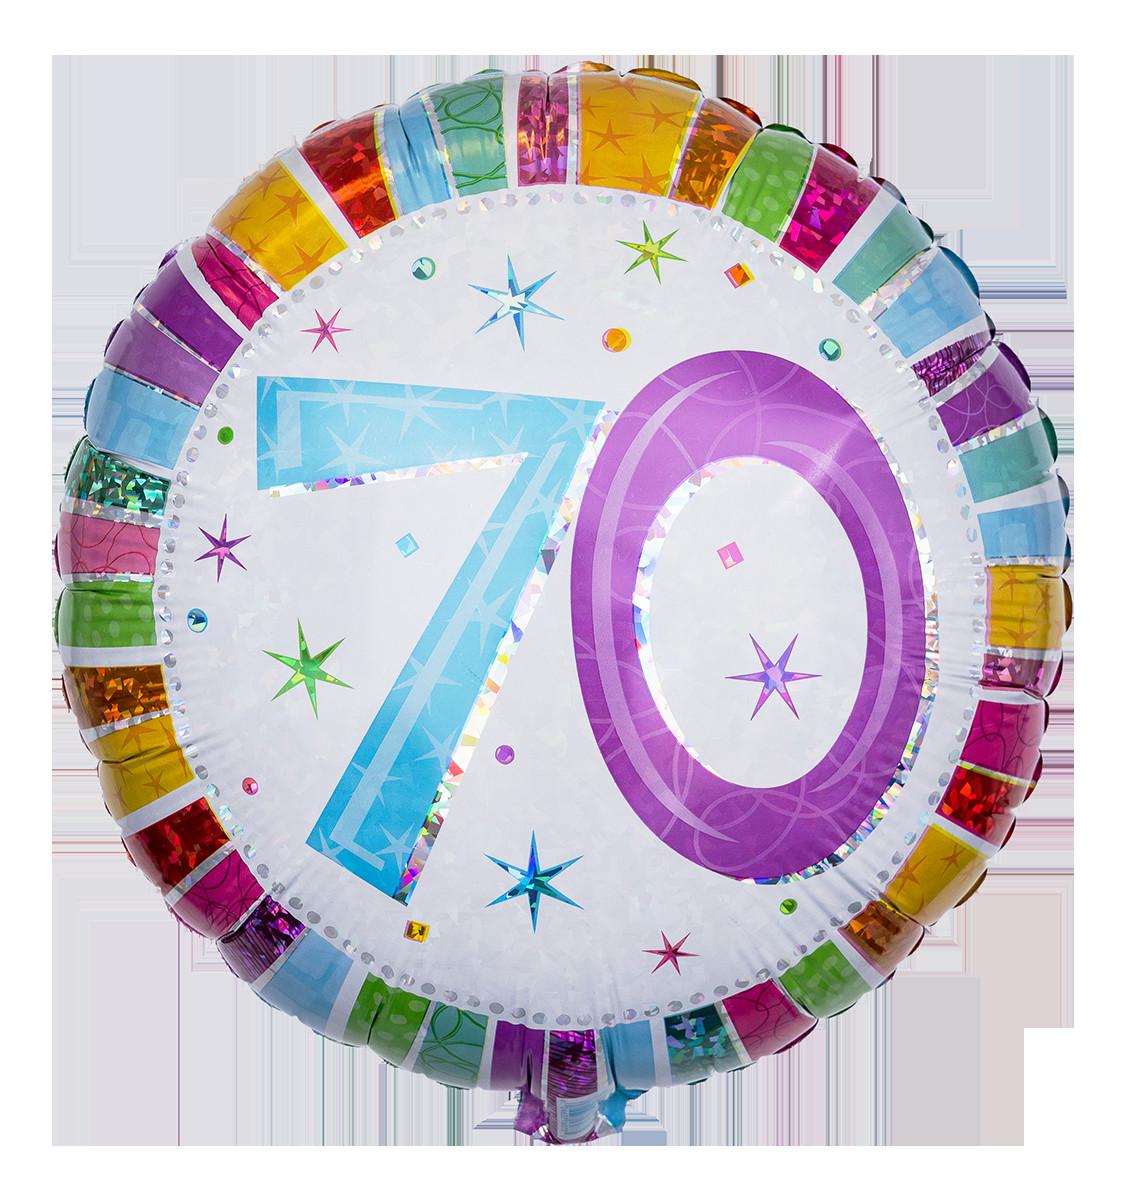 Geburtstagswünsche Zum 70.  Verschicken Sie Ballongrüße zum 70